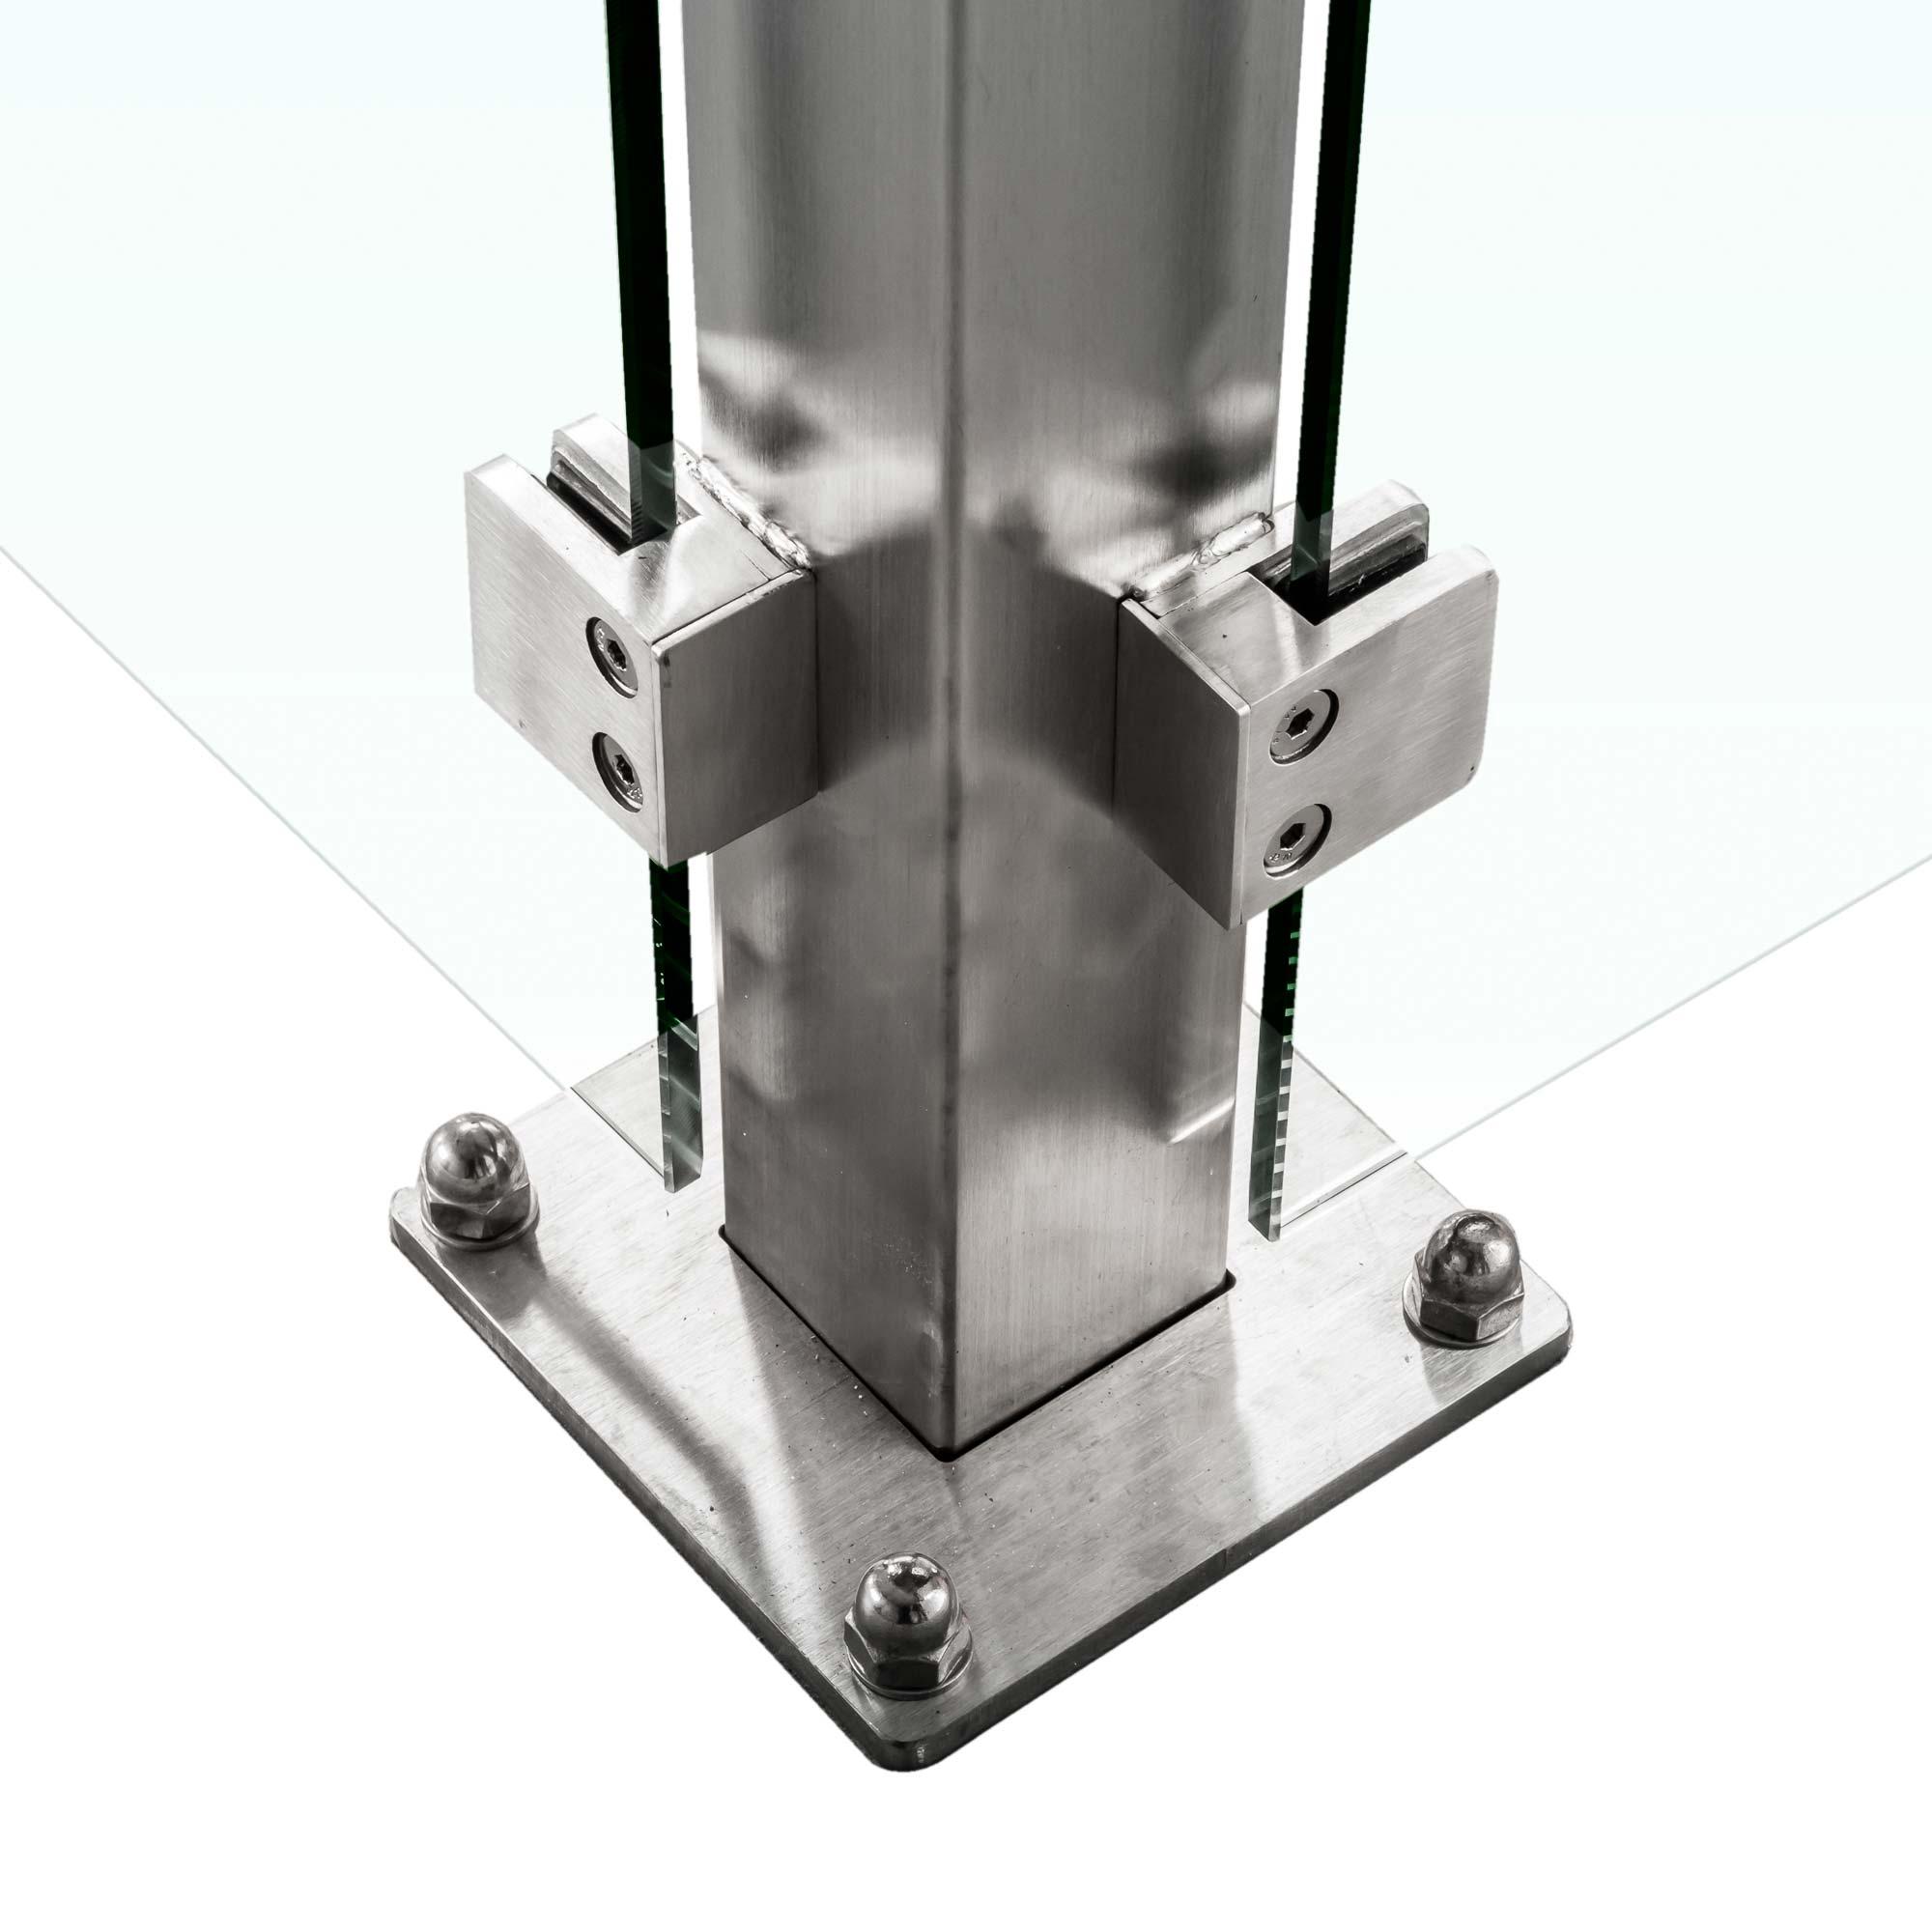 Sichtschutz im garten aus glas glasprofi24 - Sichtschutz glas edelstahl ...